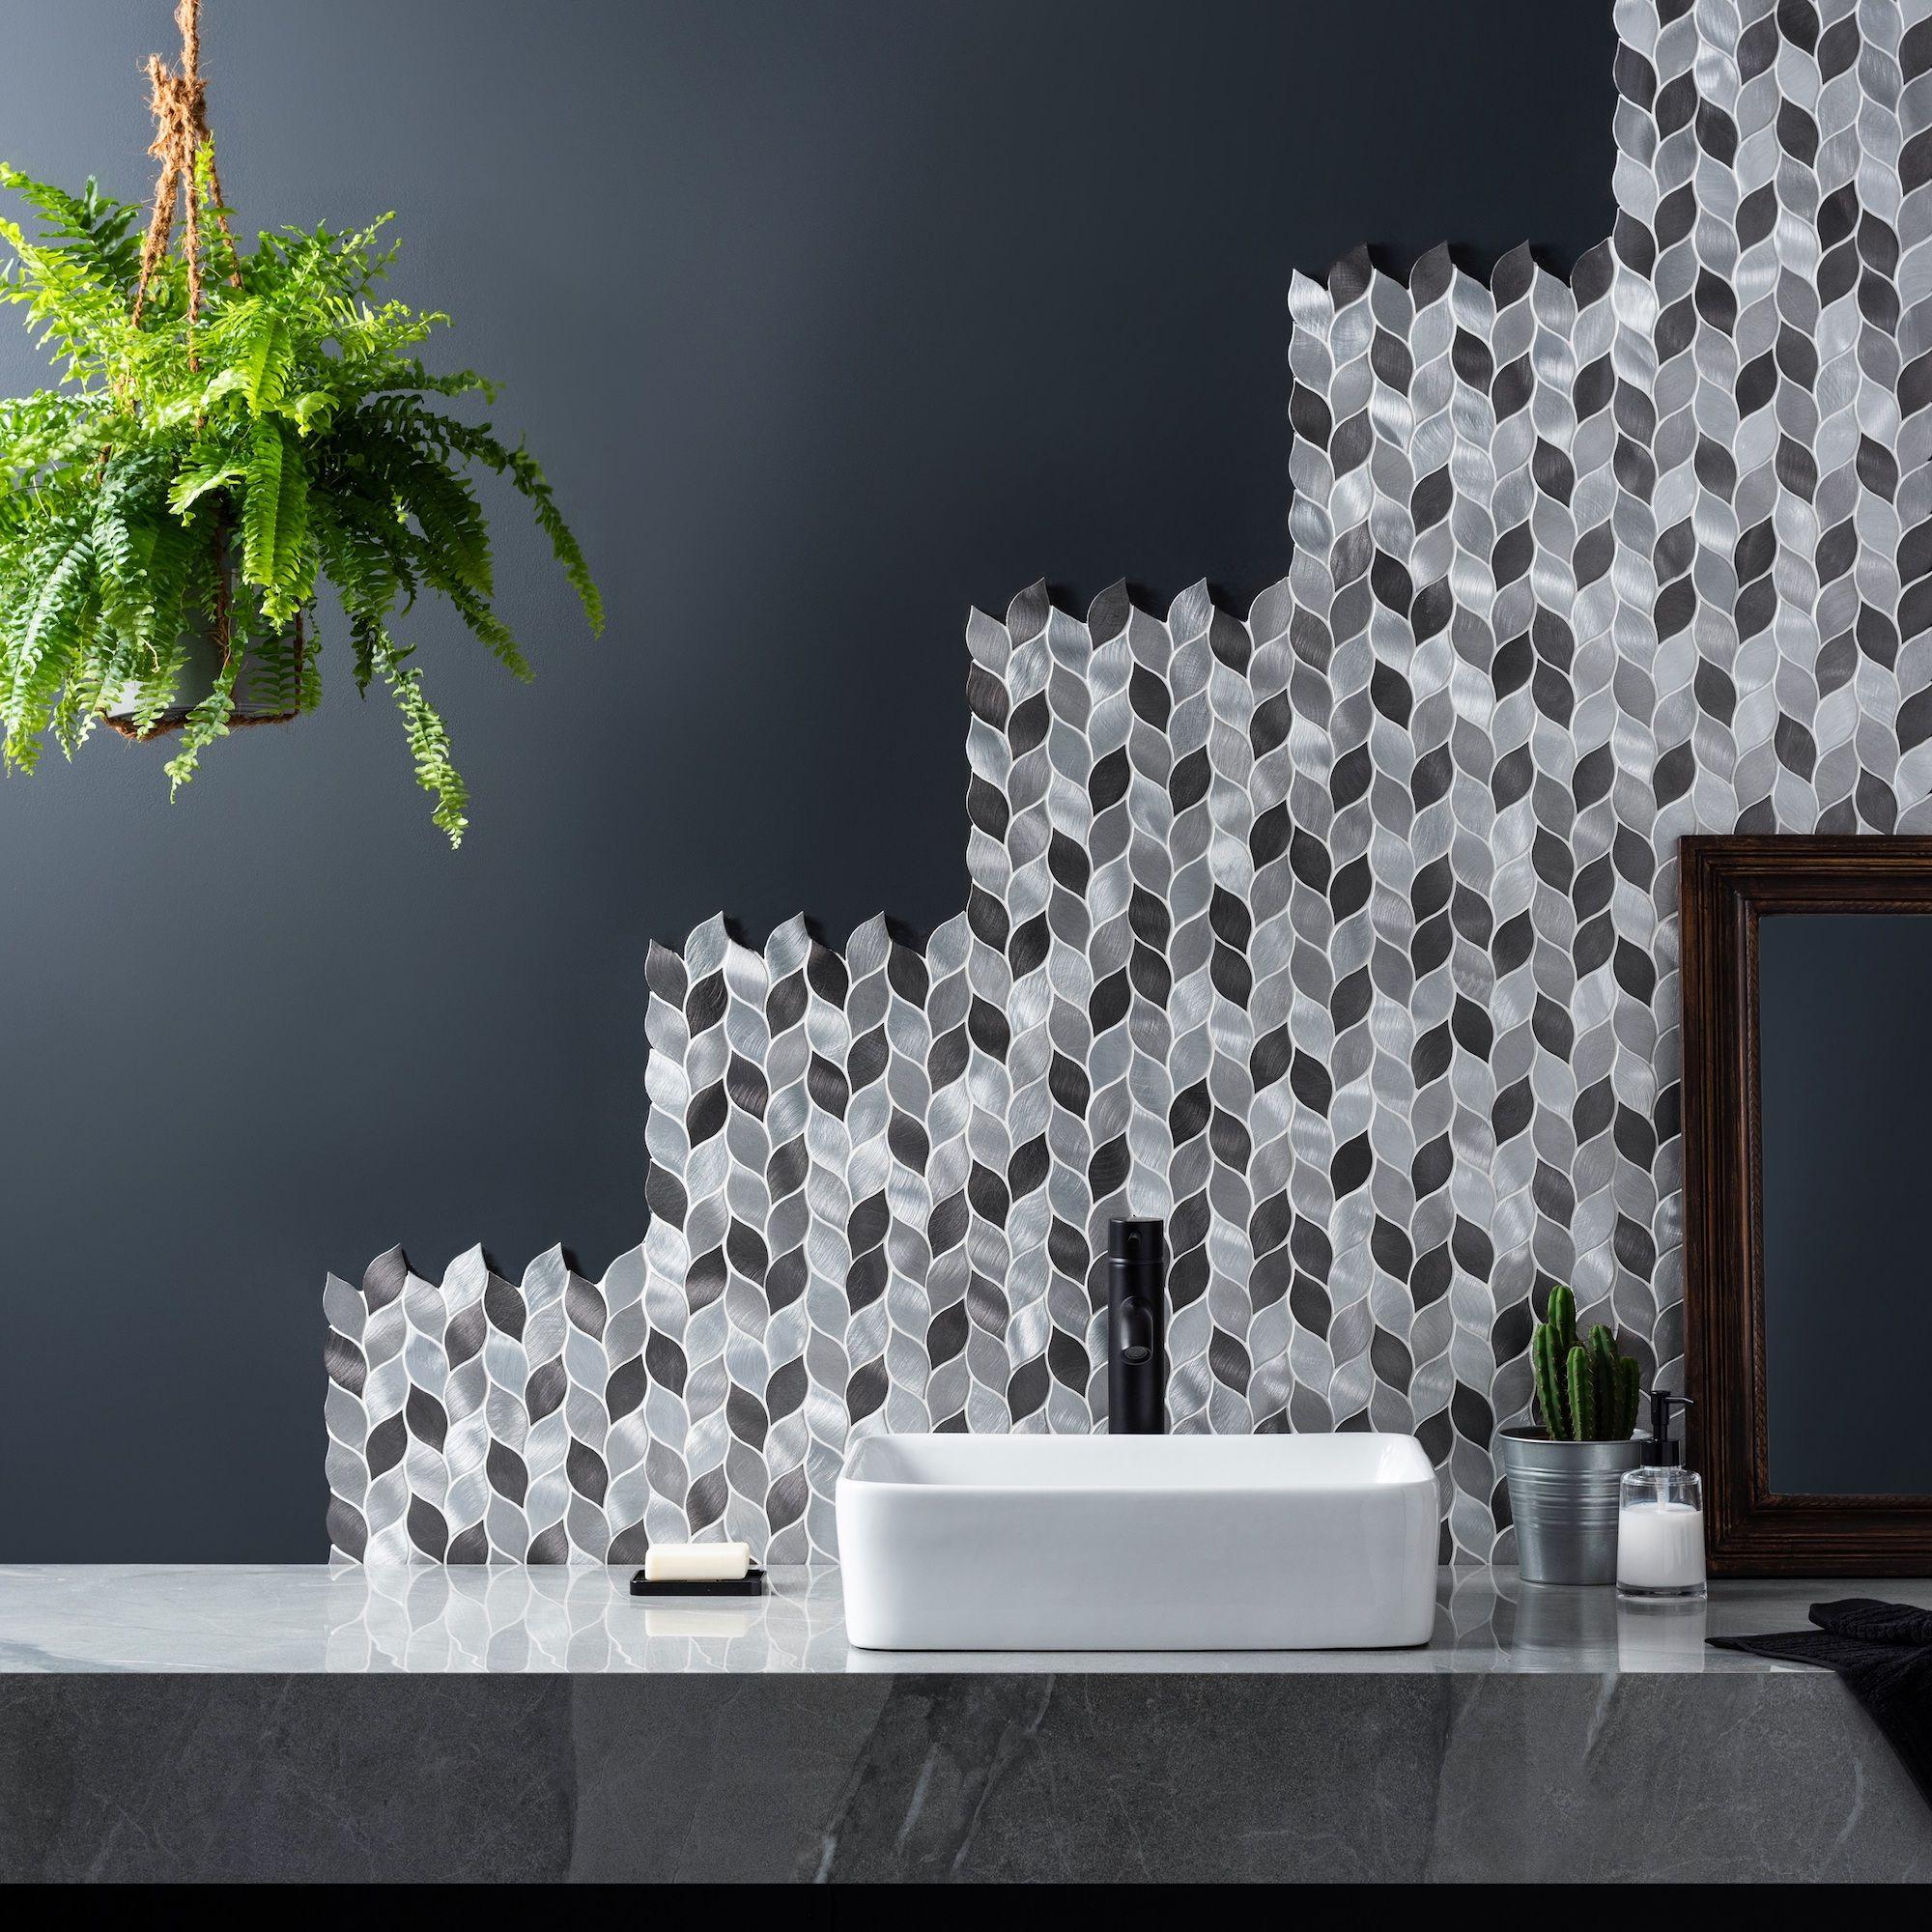 Biggest Modern Bathroom Trends For 2020